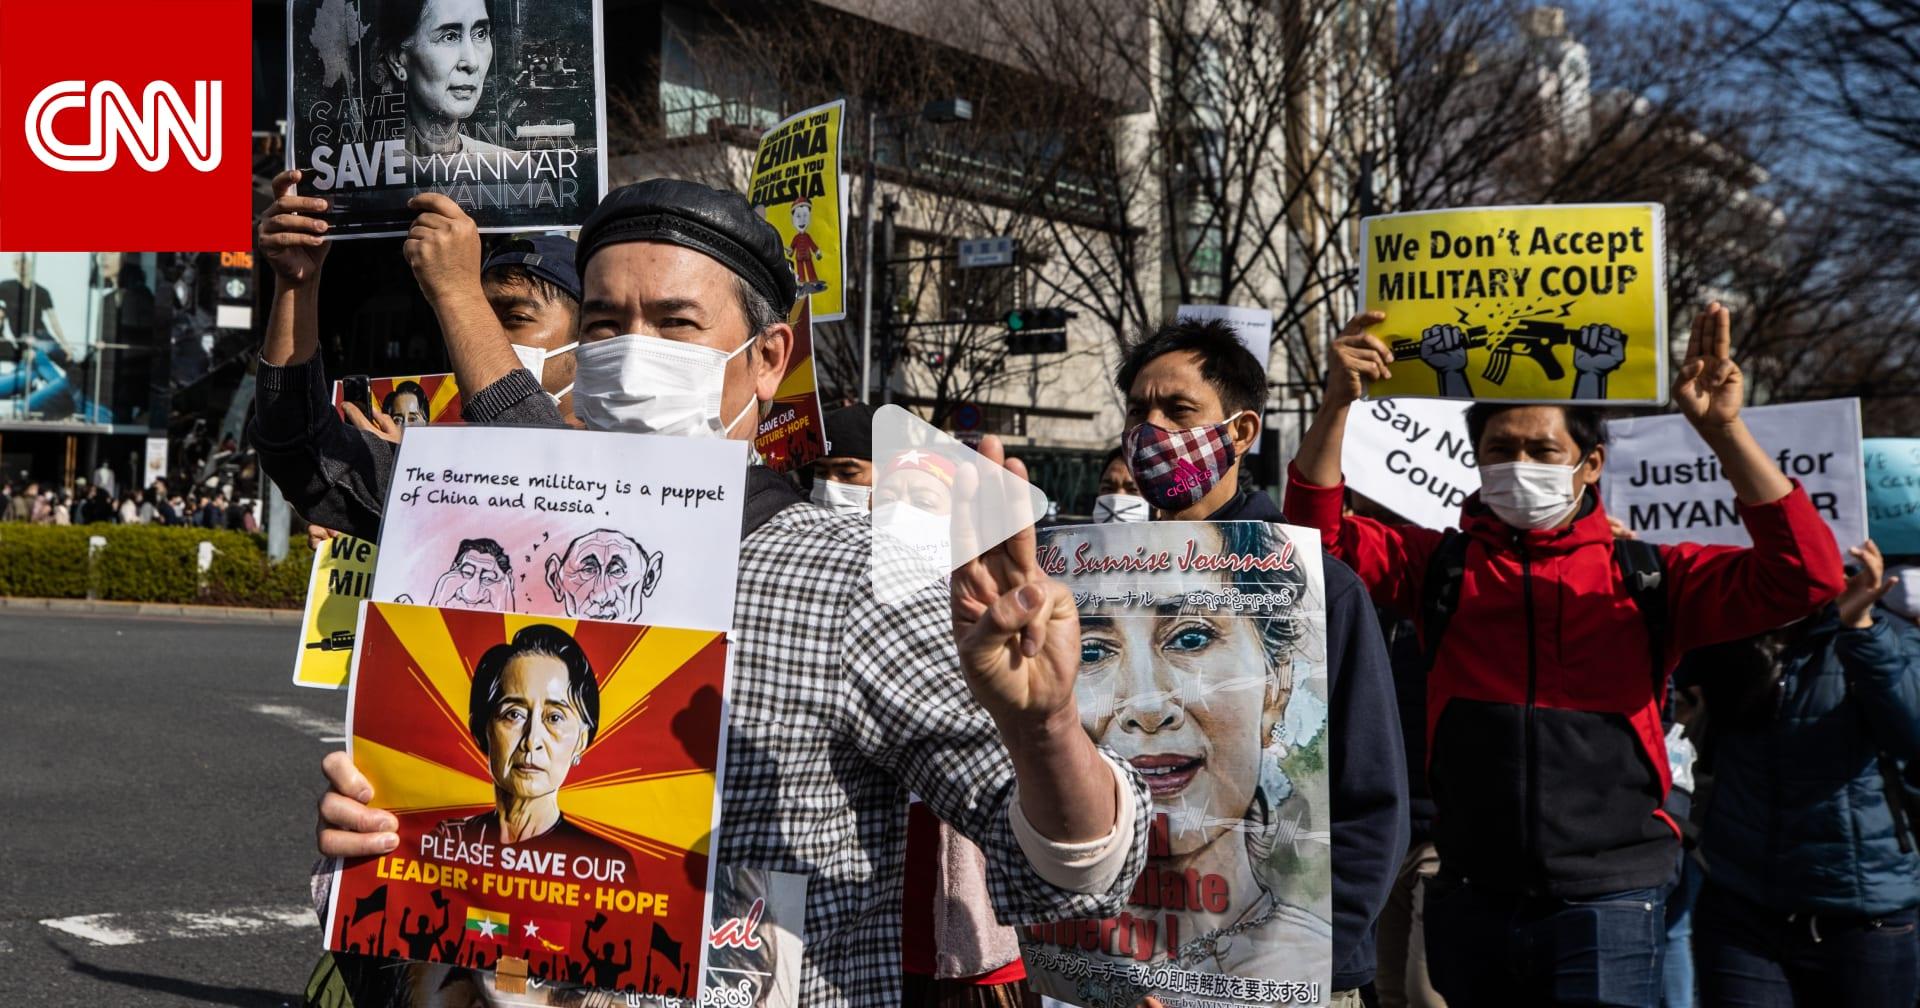 فوضى غير مسبوقة.. ميانمار تدخل يومها التاسع من المظاهرات